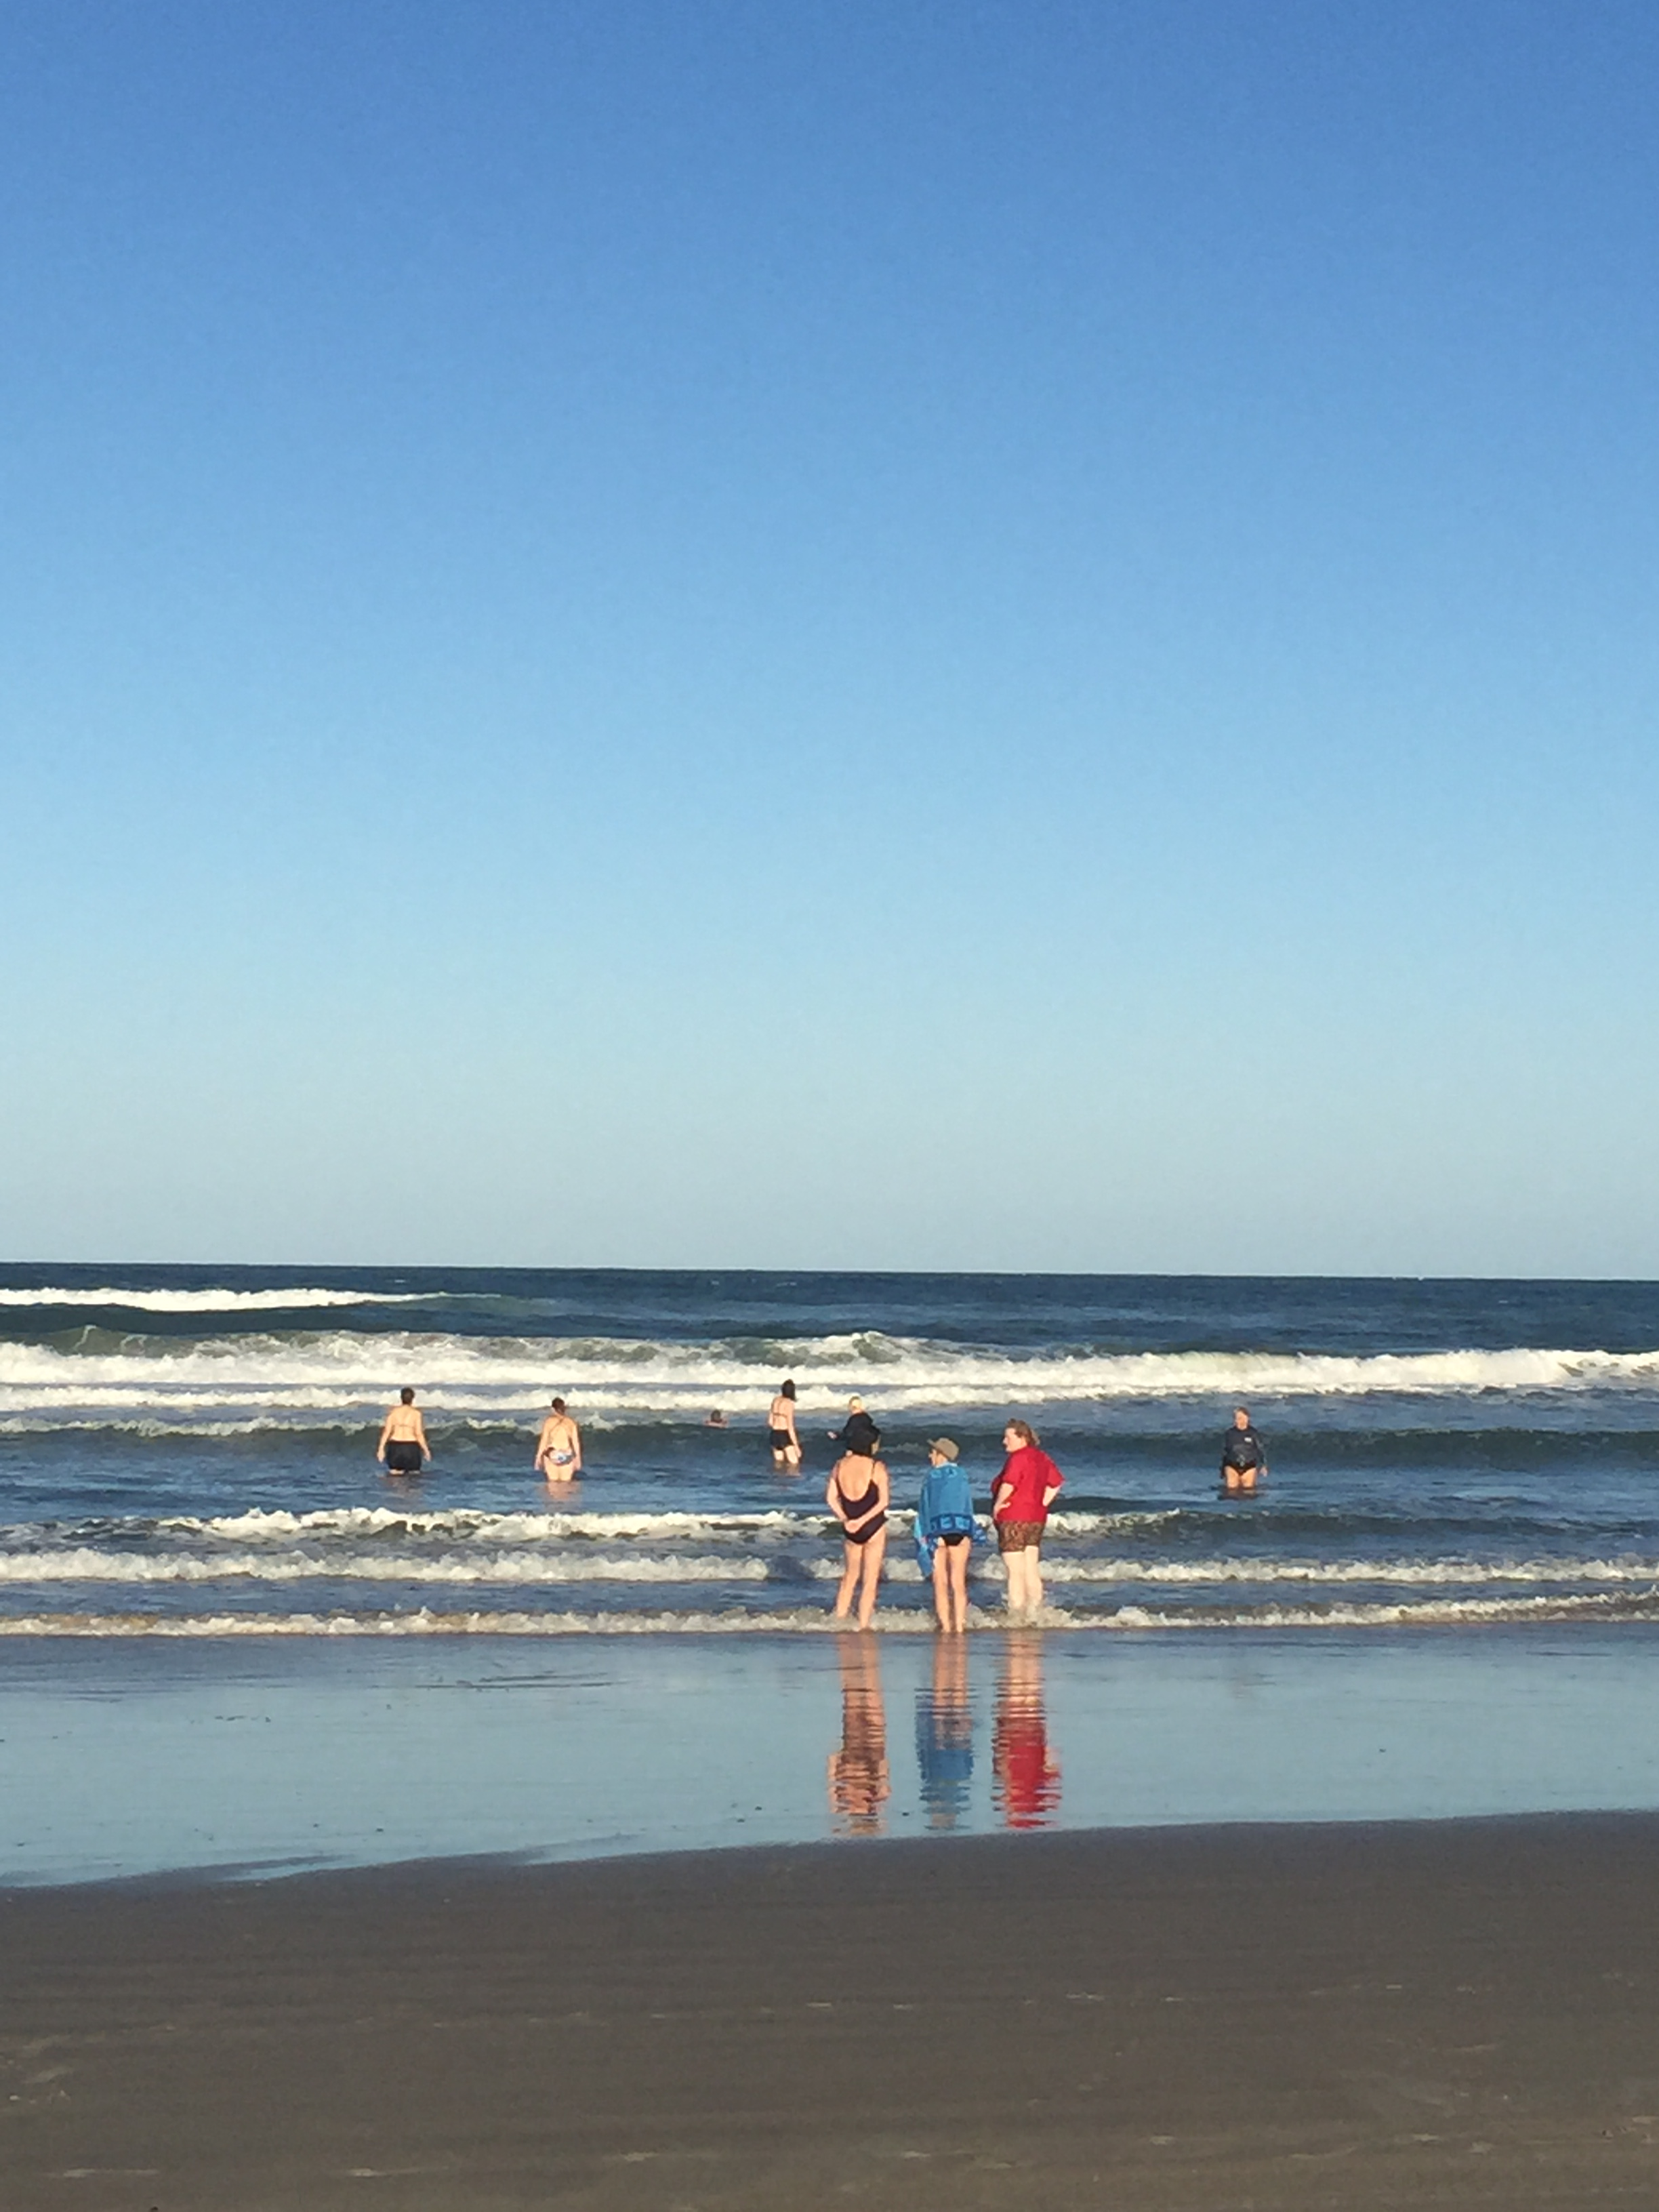 mermaids swimming